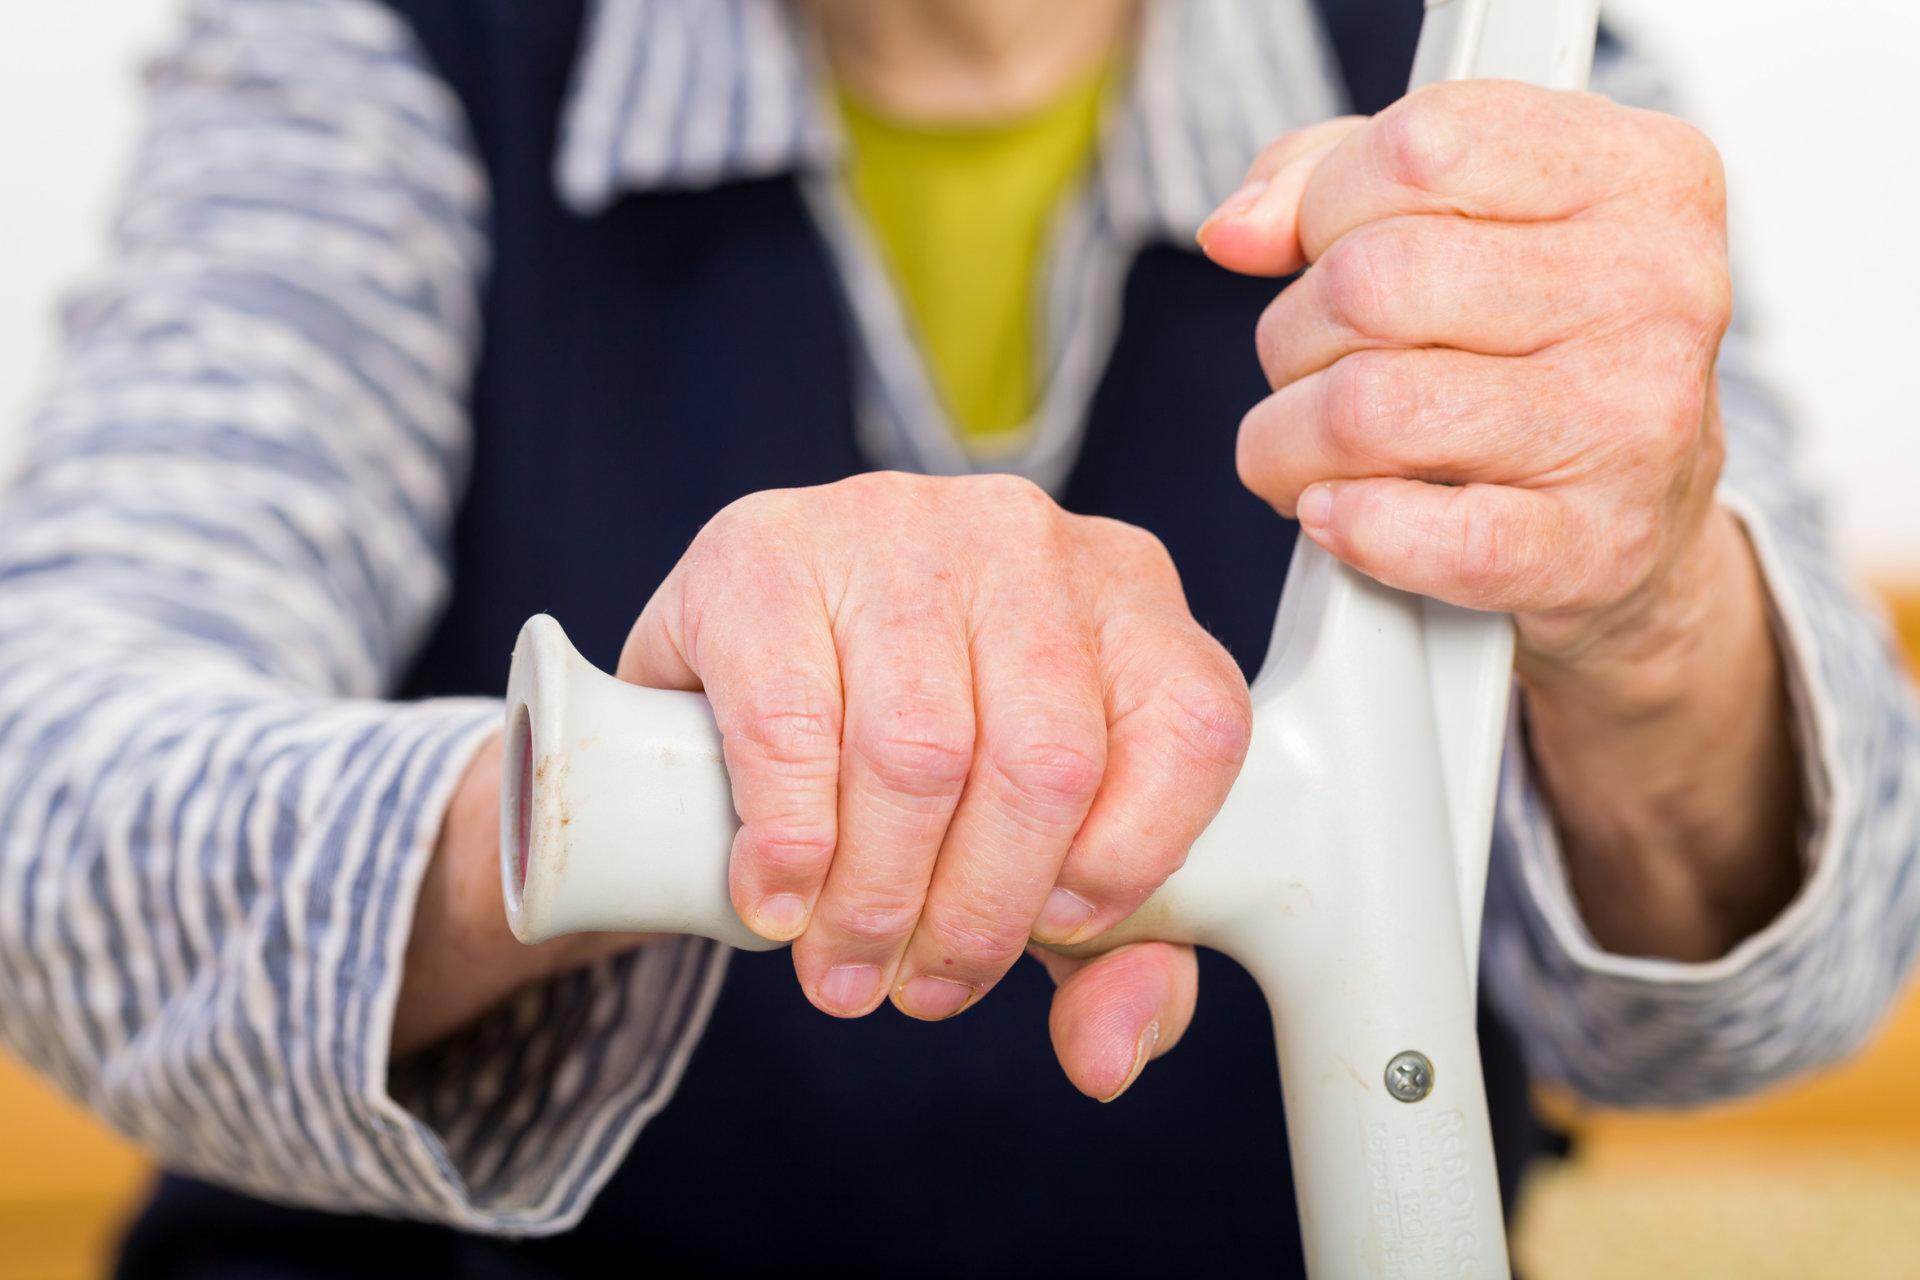 sanariu skausmas po sporto gydymas sąnarių skausmas kai lankstymo